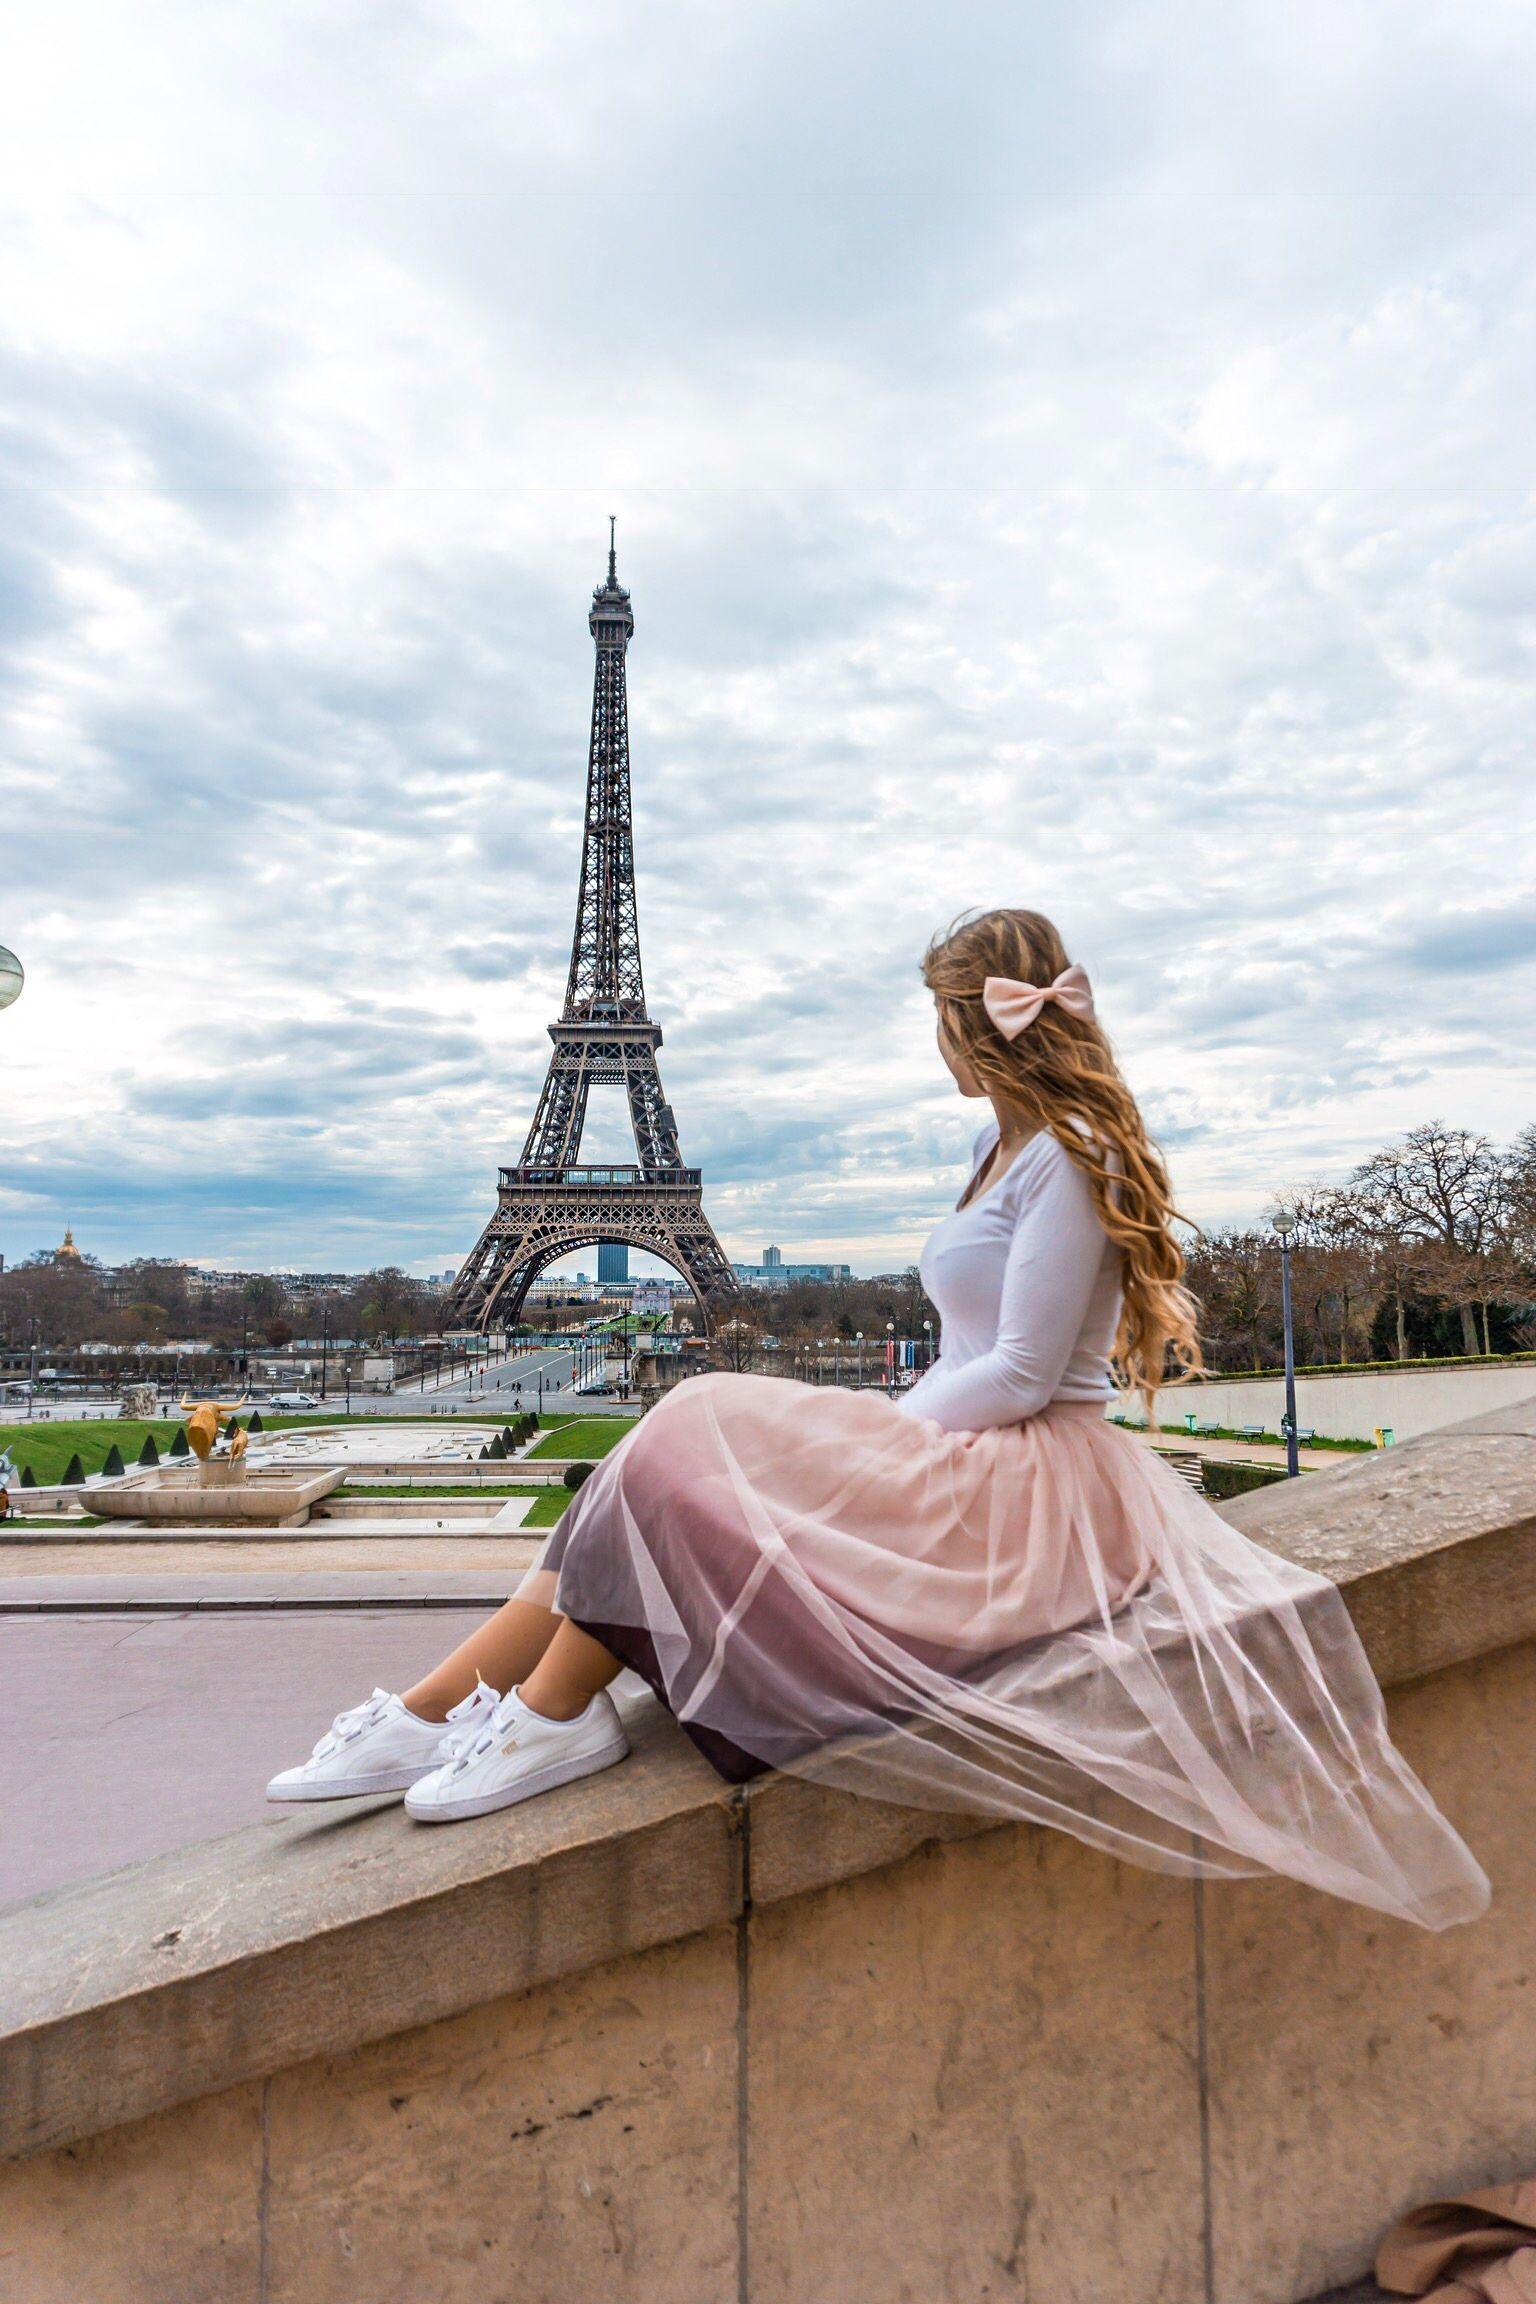 Paris J Adore Why You Have To Love The City Of Love A Paris Travel Guide For Less Than 4 Days Paris Reisen Eiffelturm Fotografie Paris Bilder